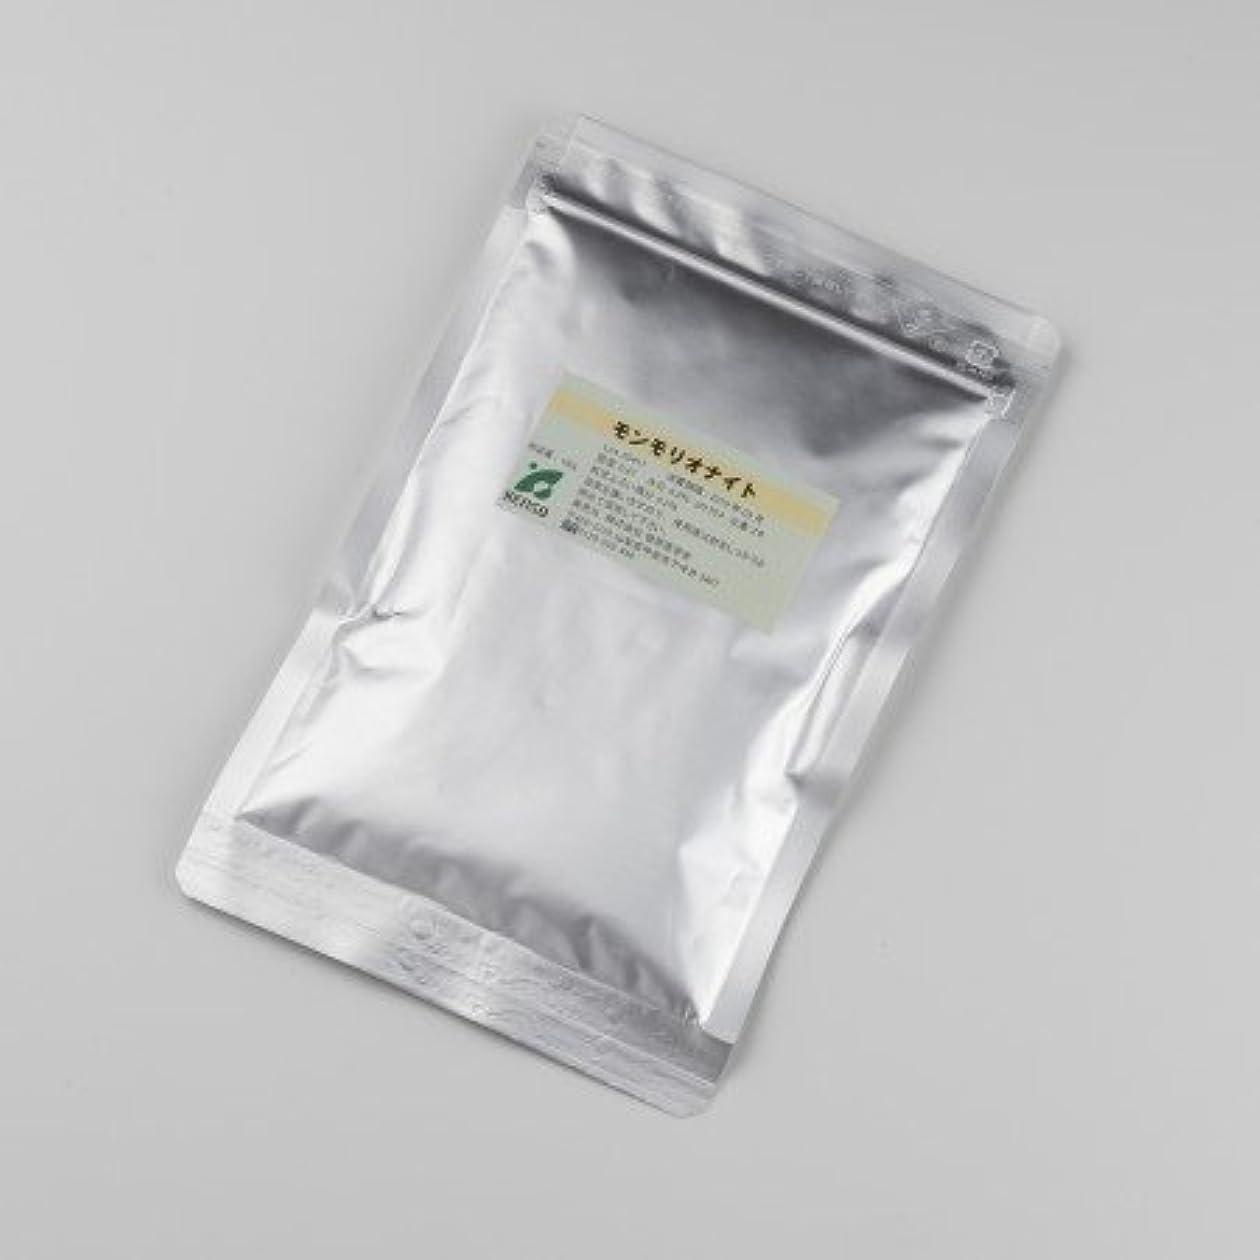 ウィスキードナーインフルエンザ健草医学舎 ( KENSO ケンソー ) 基材 モンモリオナイト ( クレイ ) 100g 00551